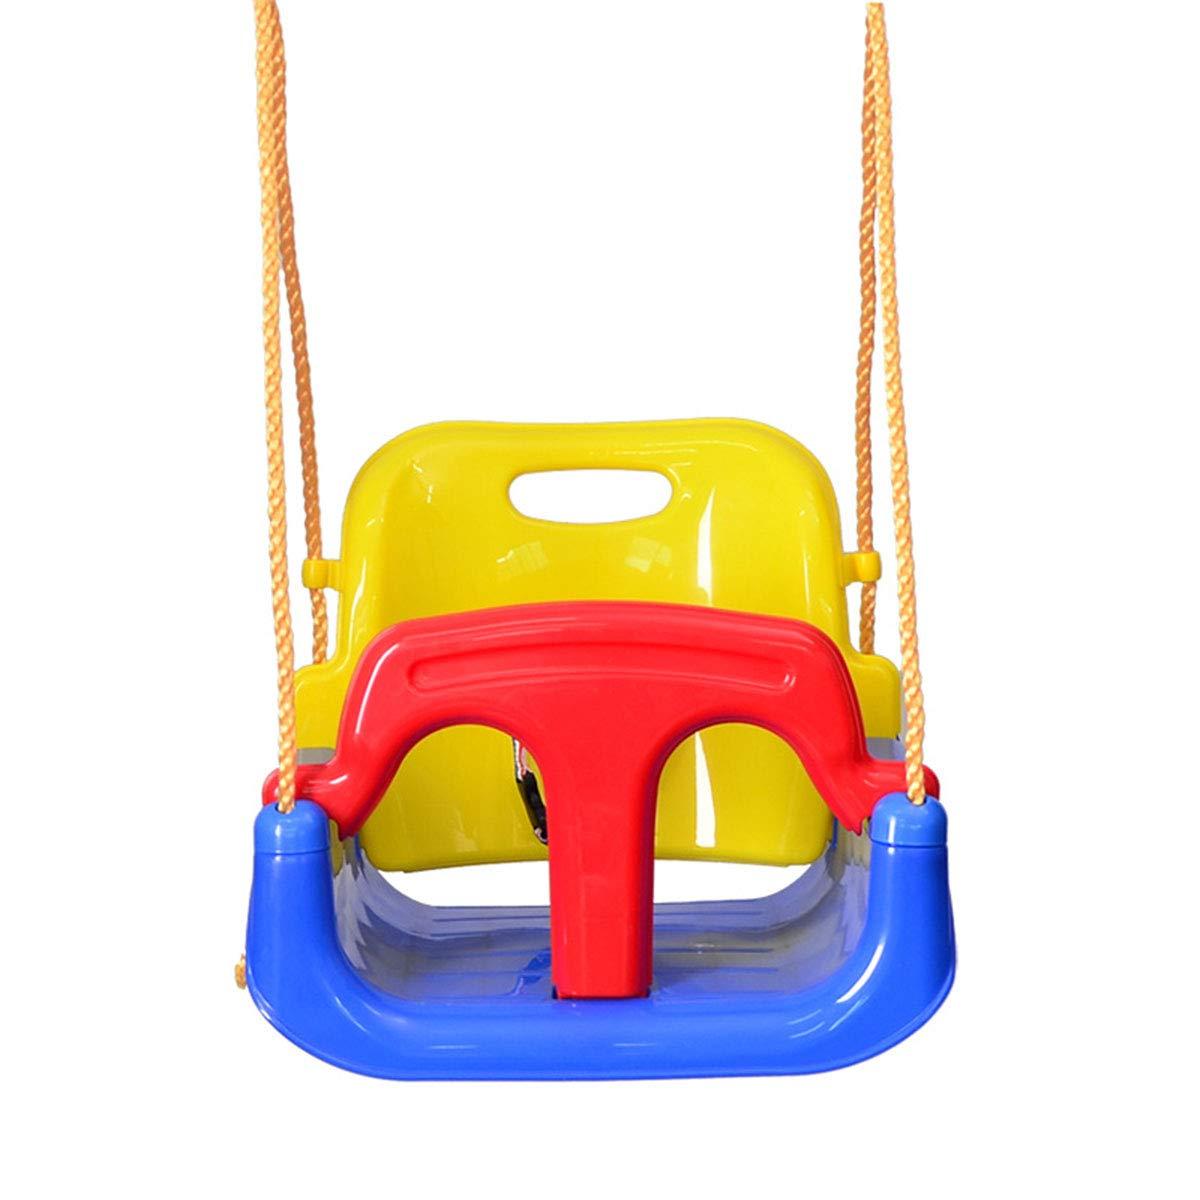 Liziyu 4 en 1 Columpio para bebés Multifuncional Cesta Colgante jardín de Infantes Columpio para bebés para 2-15 niños niños Columpios de Juguete Juguetes para niños al Aire Libre Regalos,Red: Amazon.es: Hogar